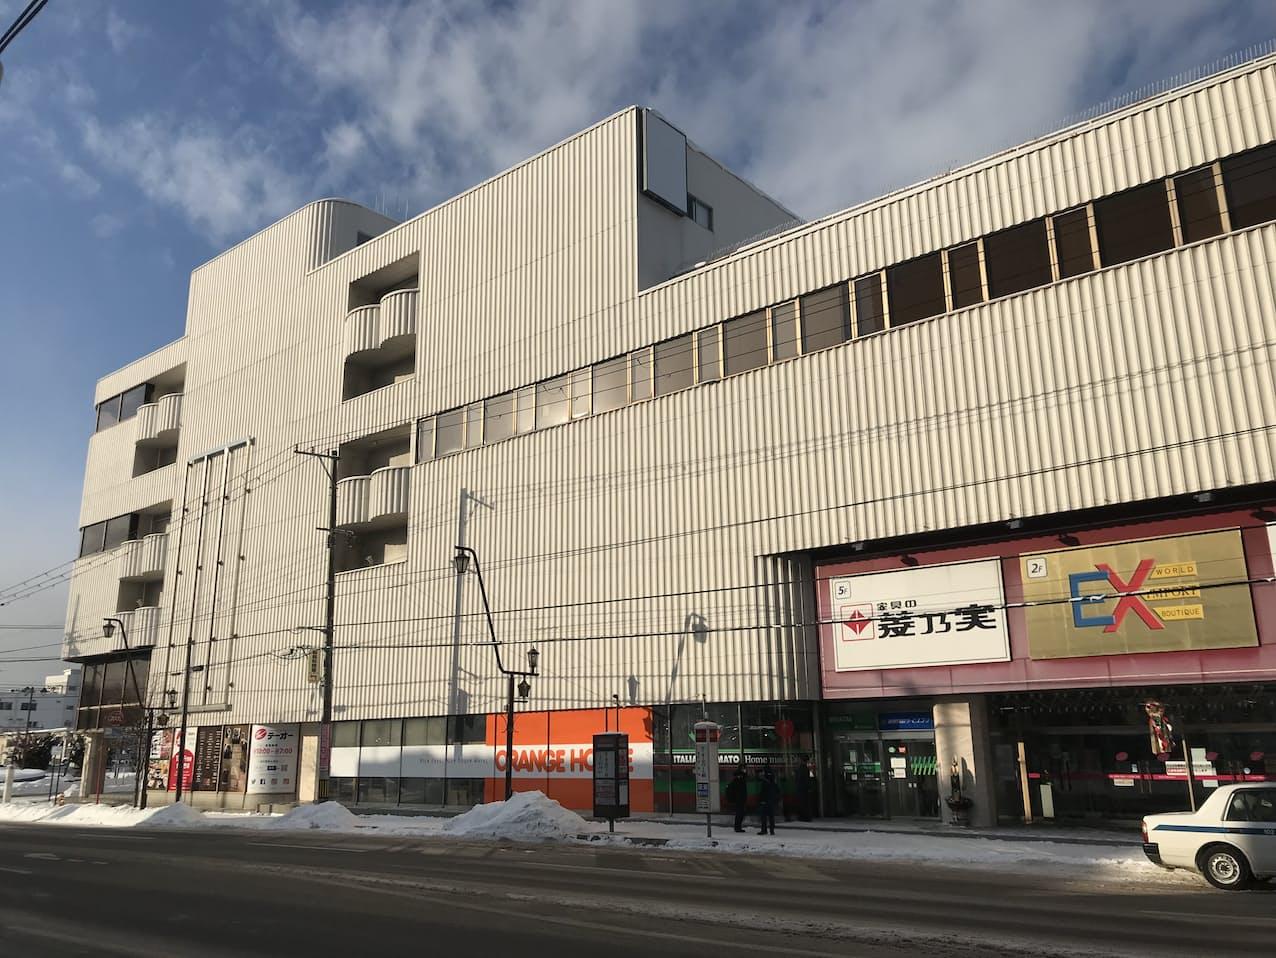 テーオーHDは商業施設テーオーデパート(北海道函館市)などを運営する